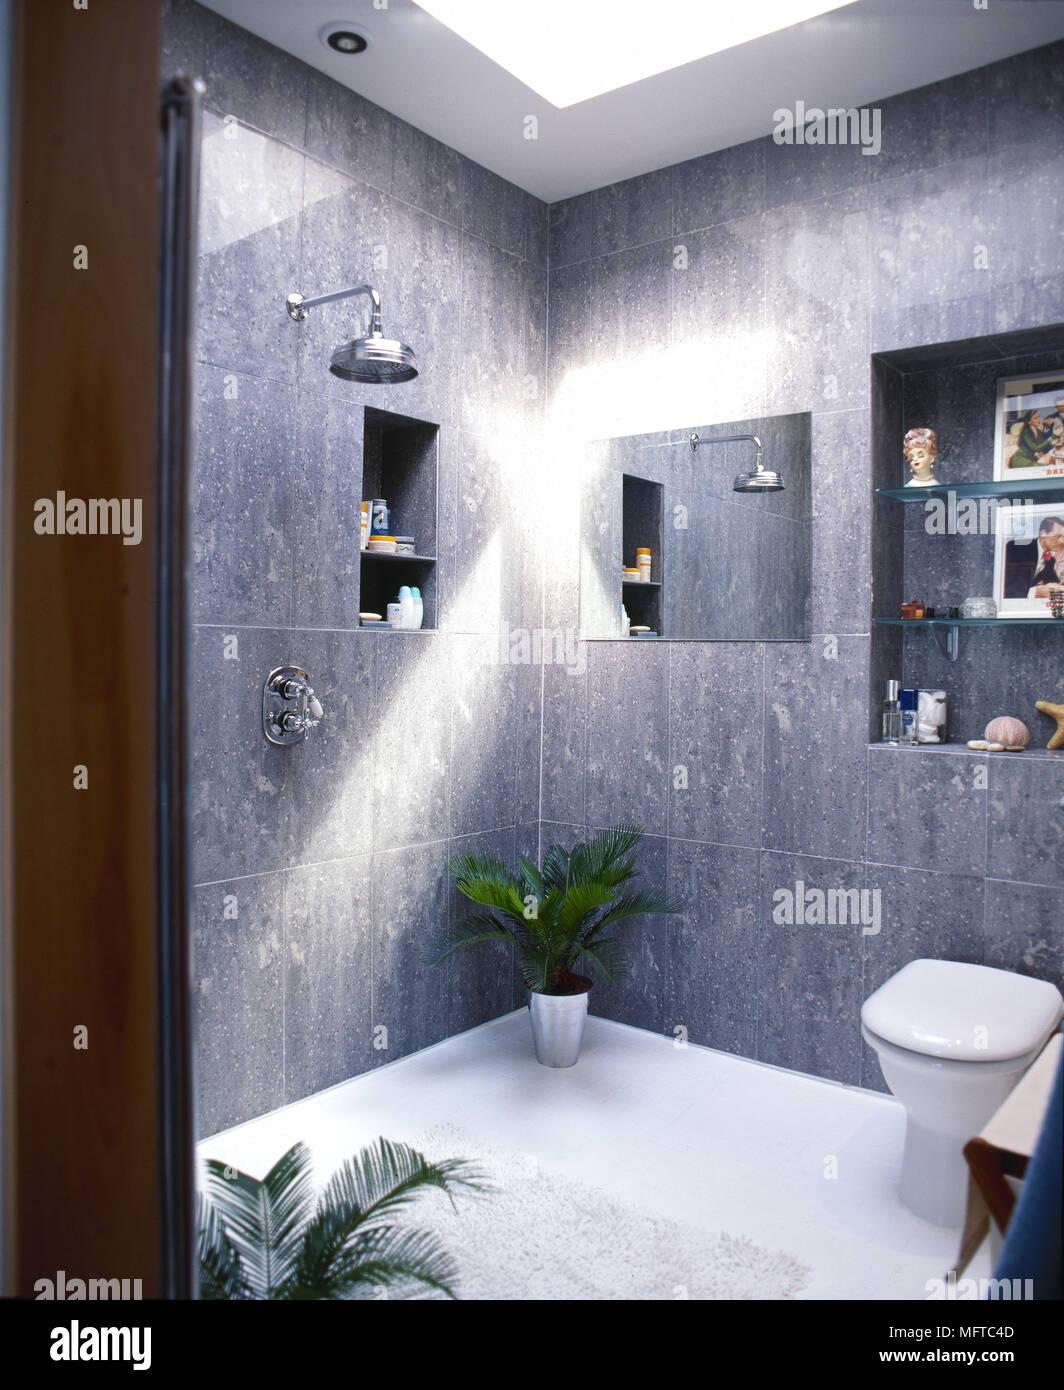 Moderne, Grau Gefliesten Badezimmer Mit Offener Dusche, Nische Regale, Und  Oberlicht.